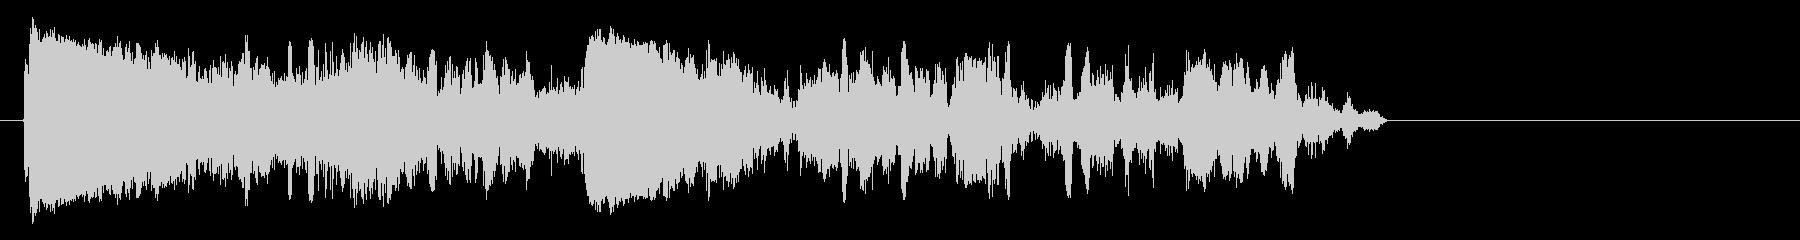 面白いラジオの静的またはデフレート効果。の未再生の波形